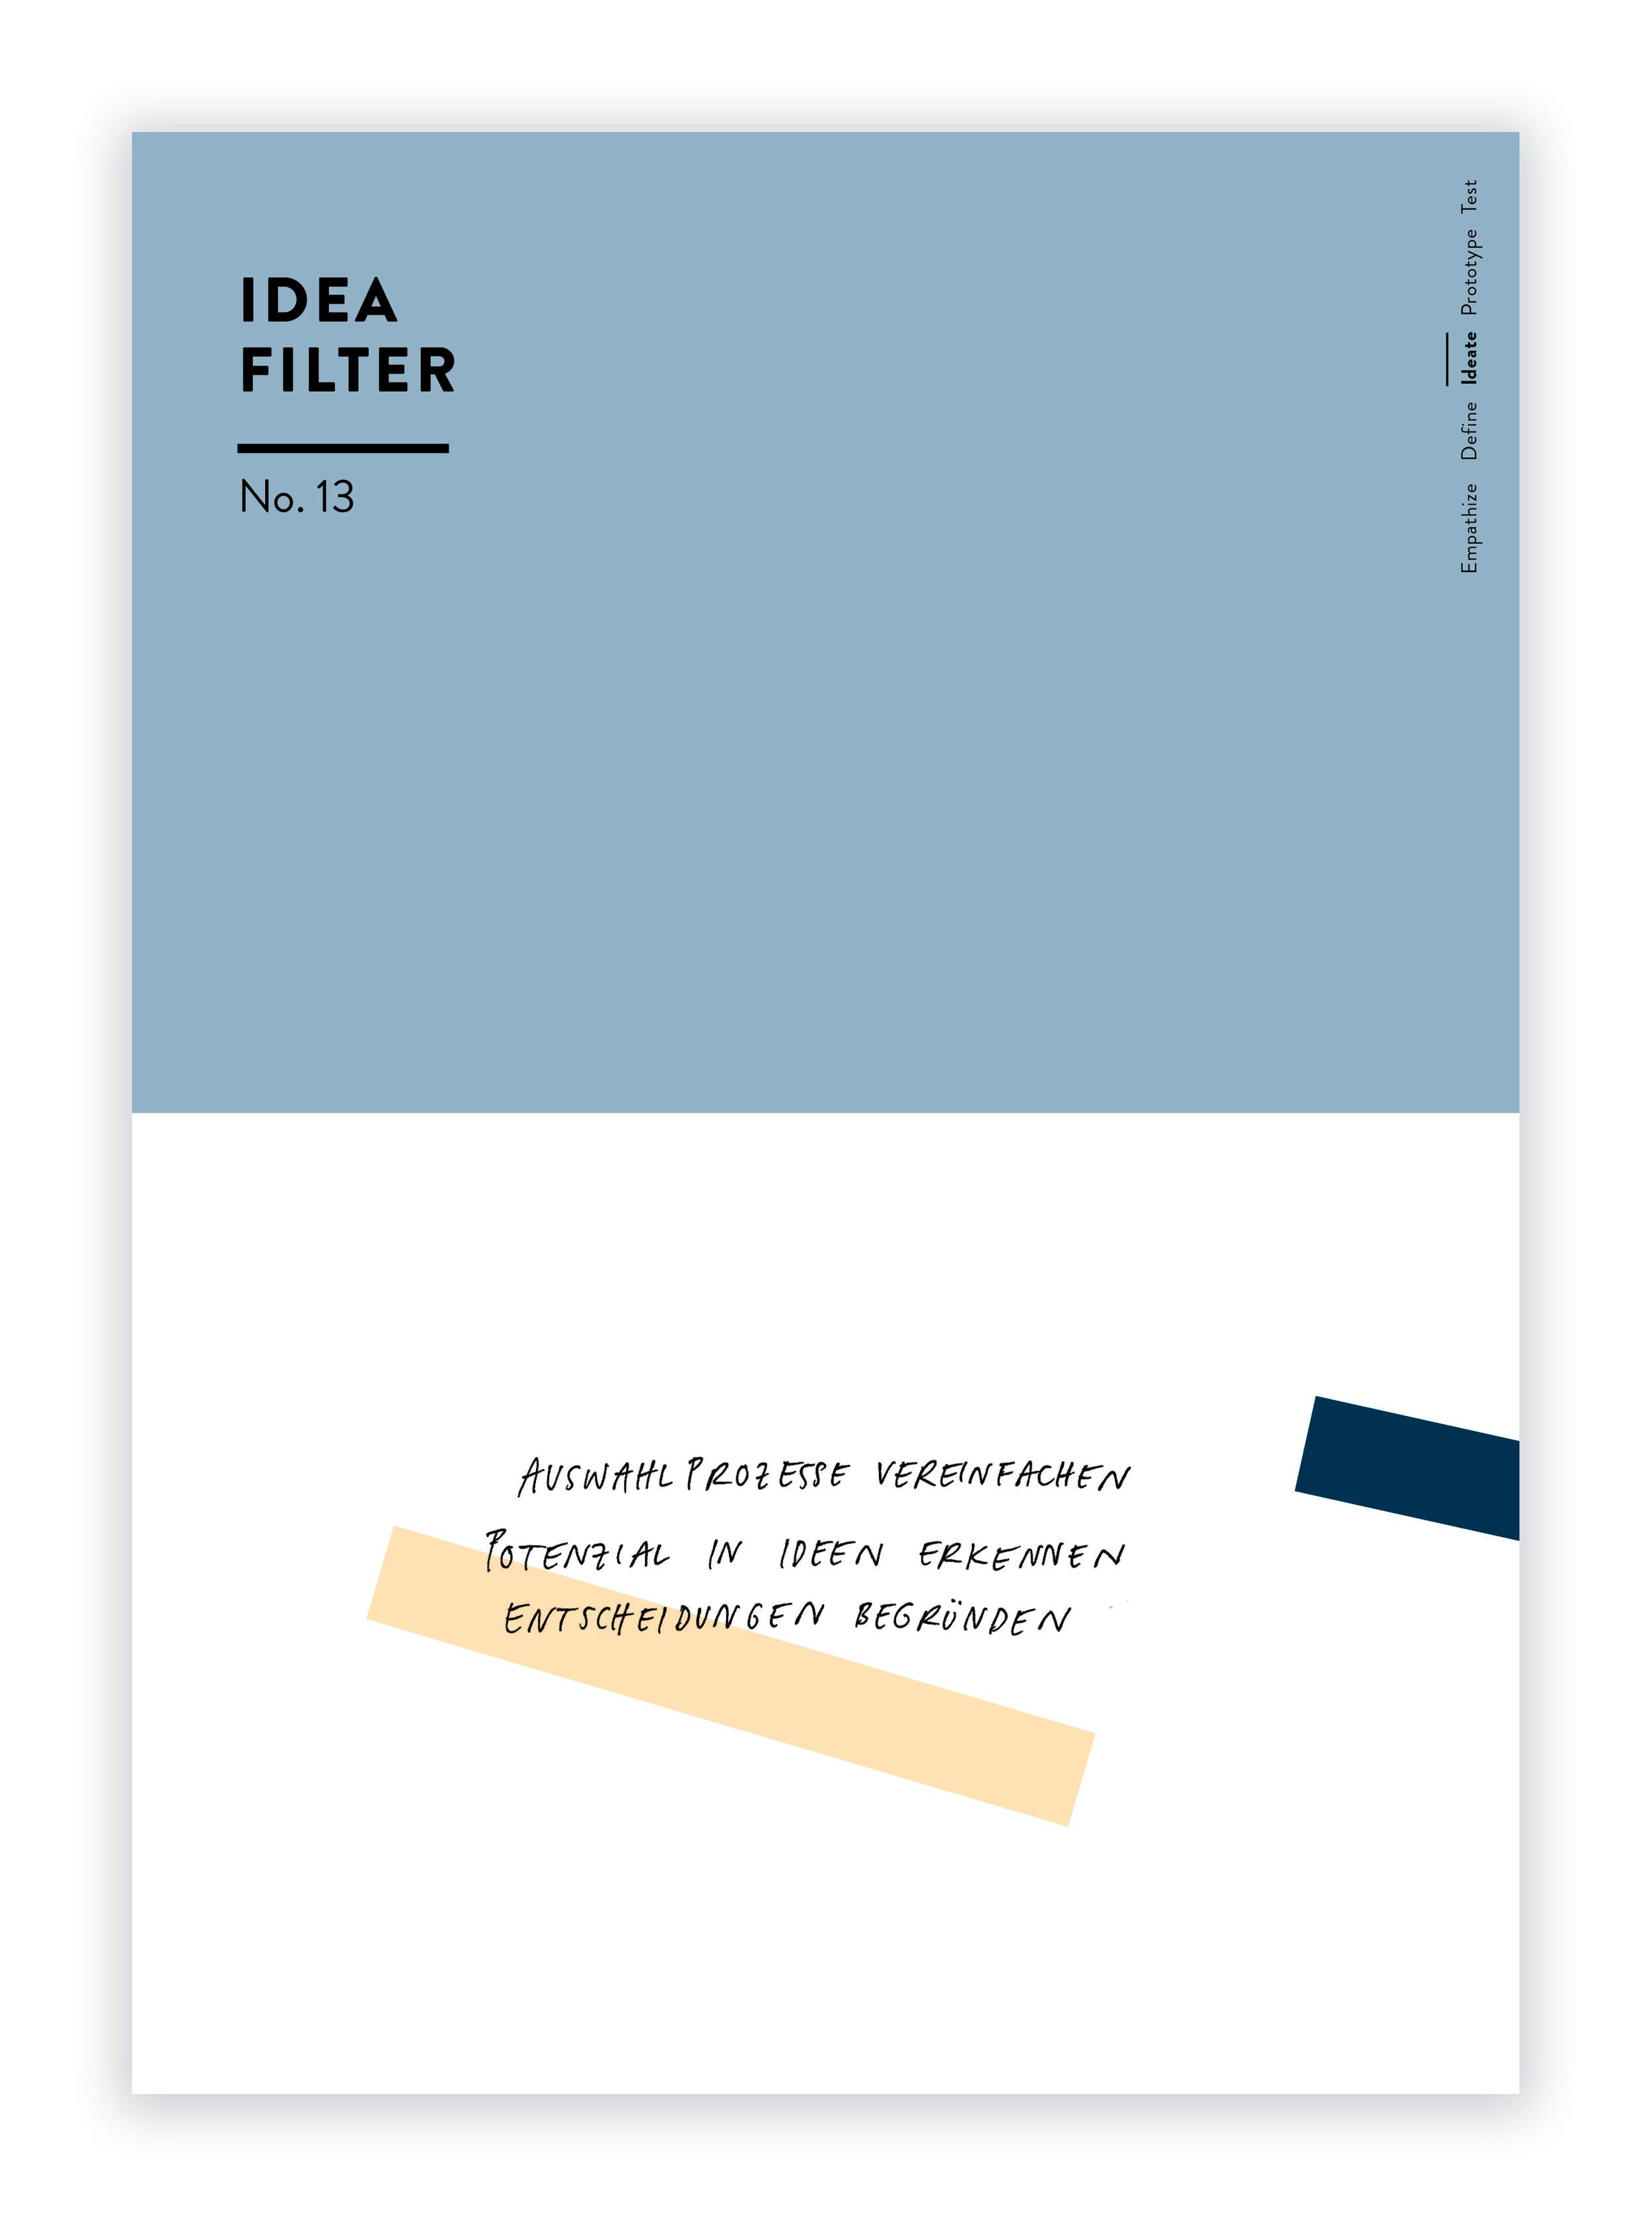 idea-filter-cover.jpg